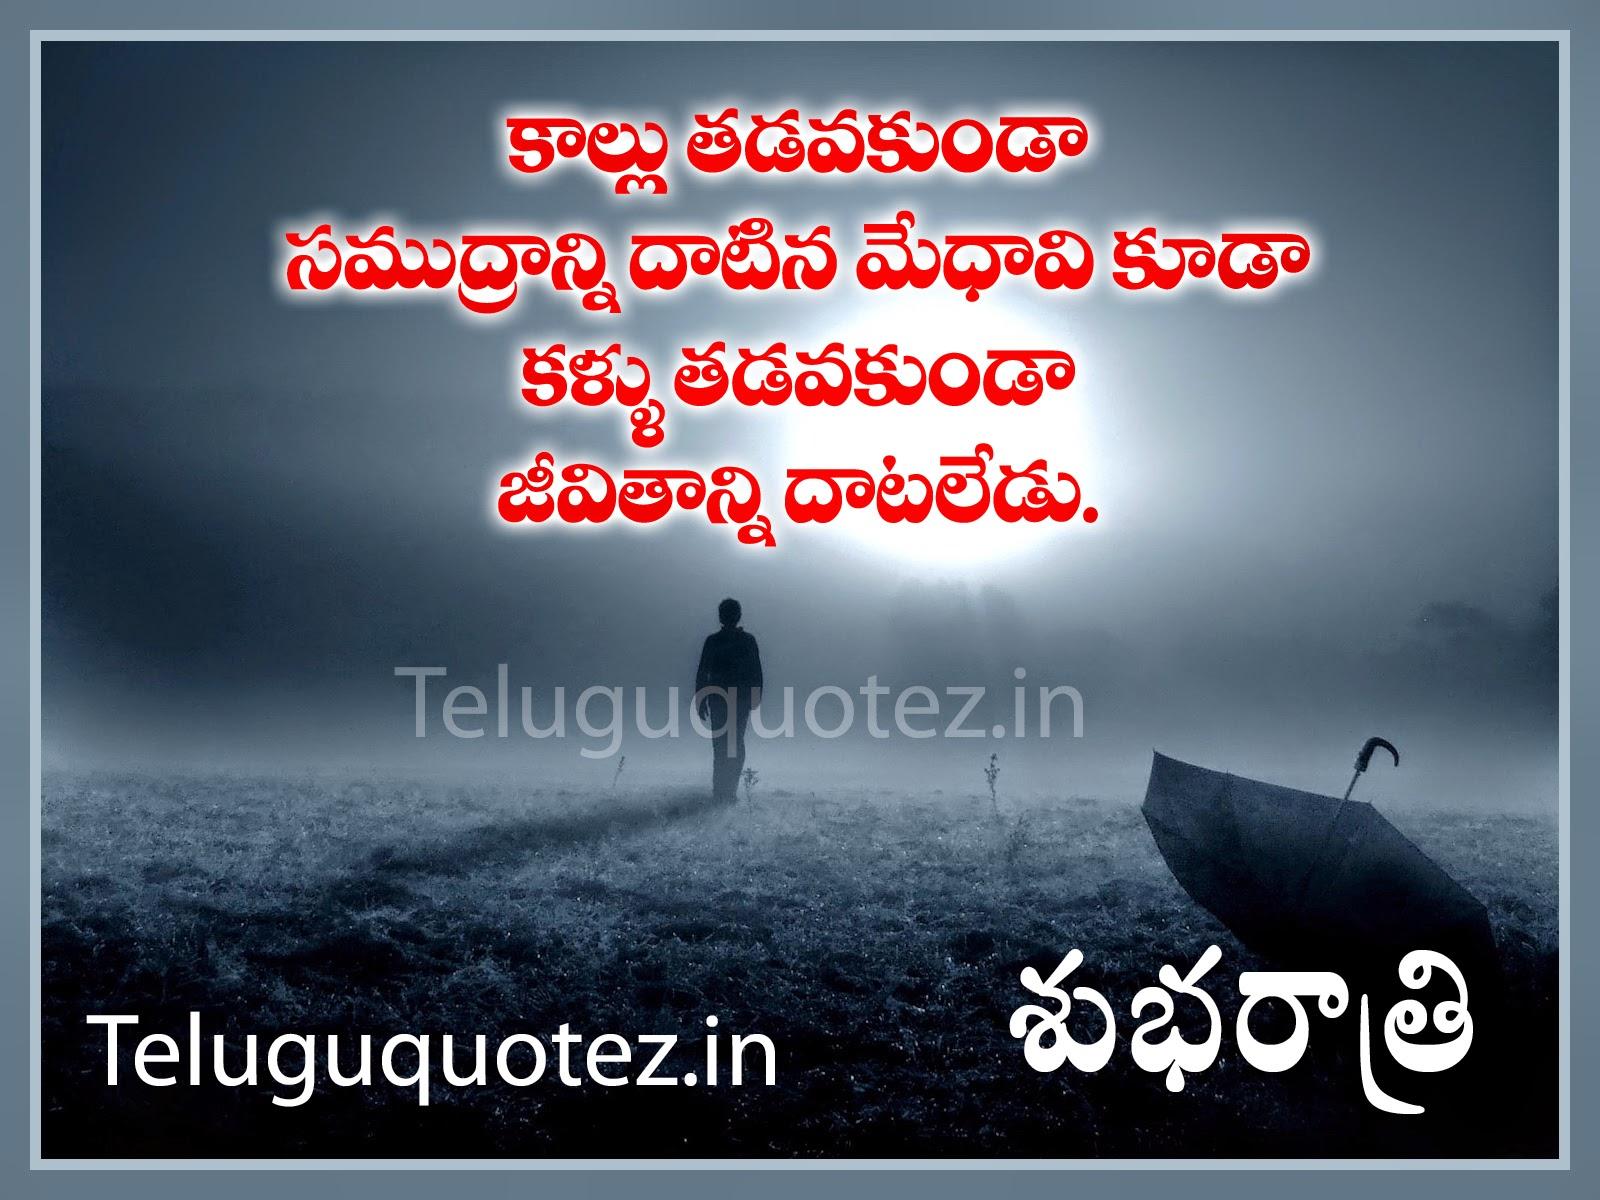 Good Nyt Telugu Quotes